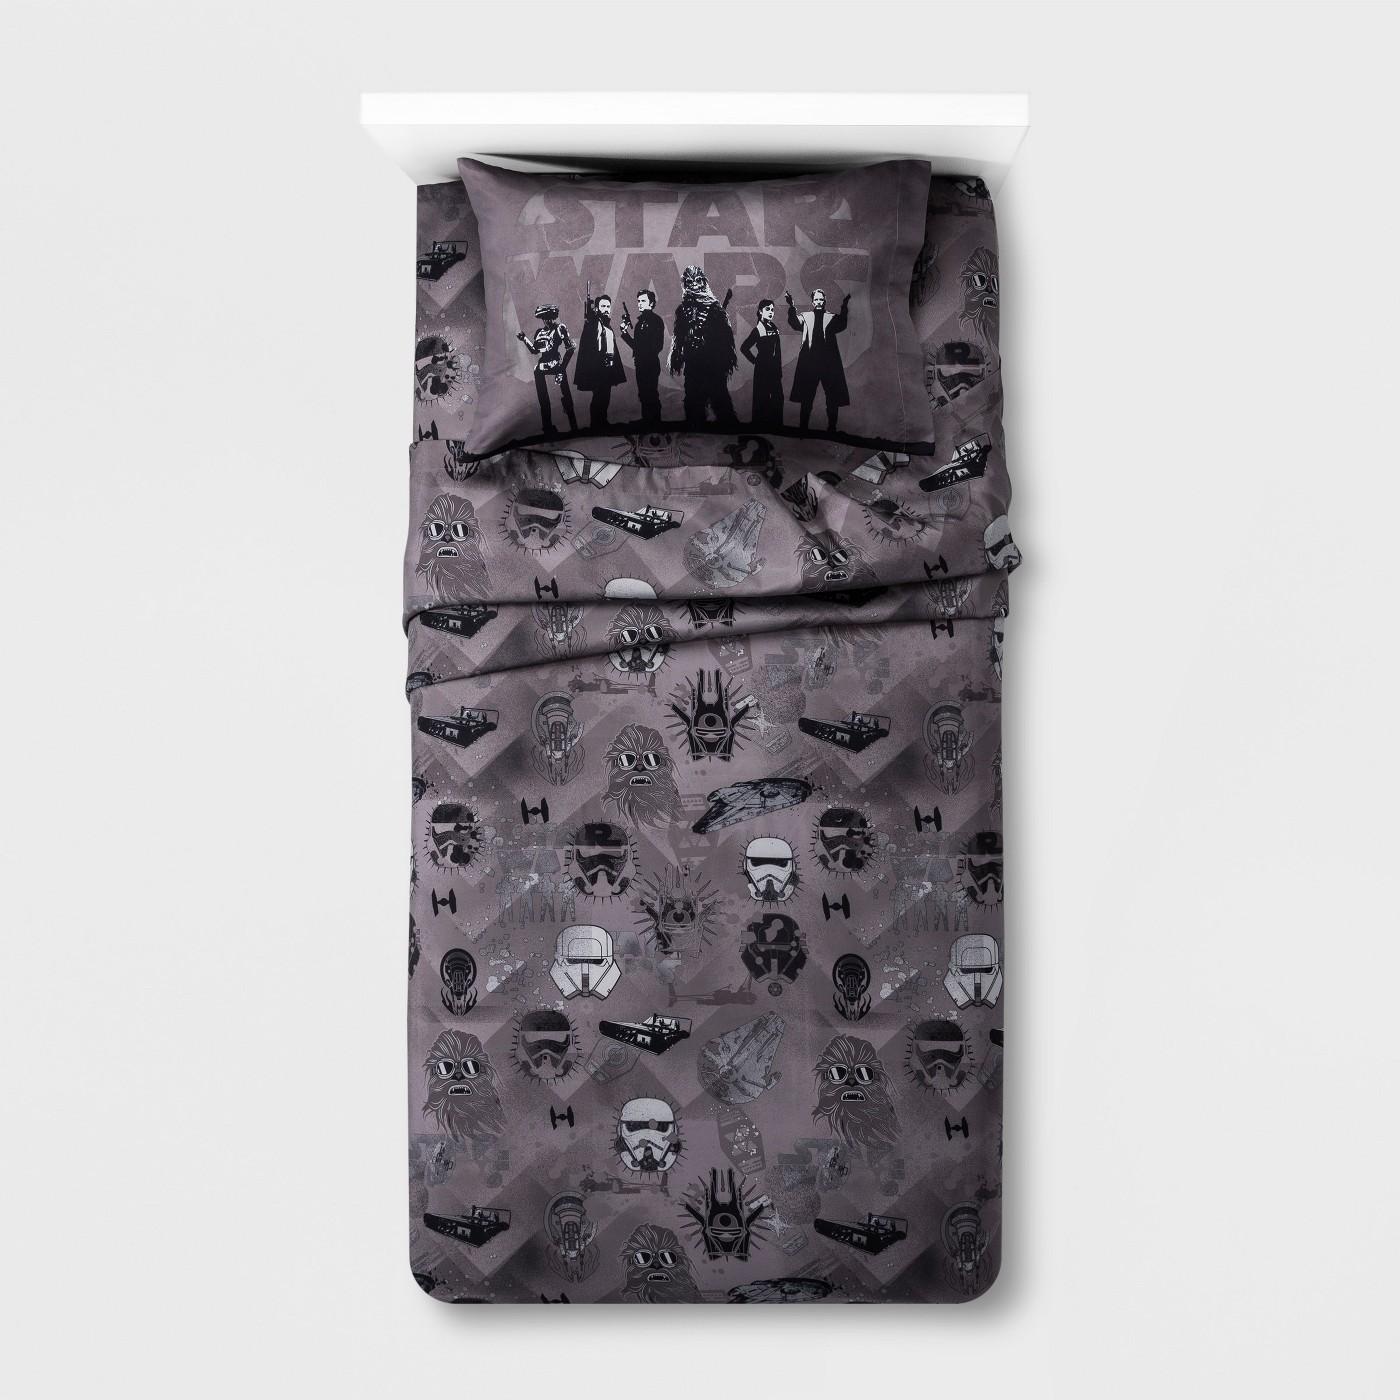 Solo: ASWS Kessel Crew Queen Bed Sheet Set 1